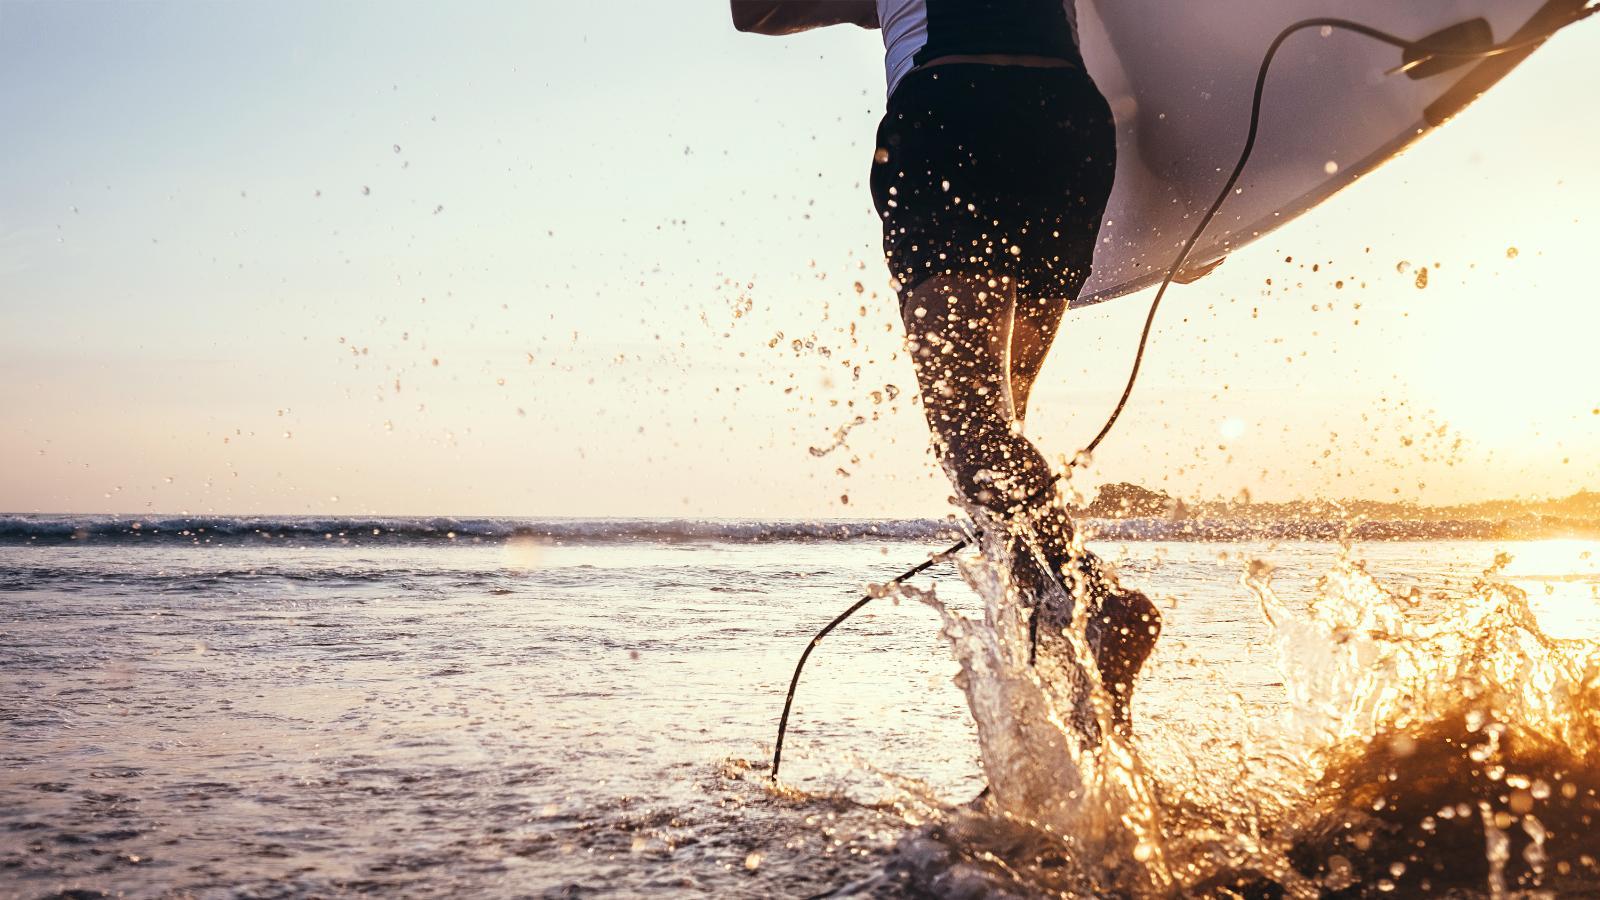 Für schnelles Surfen.